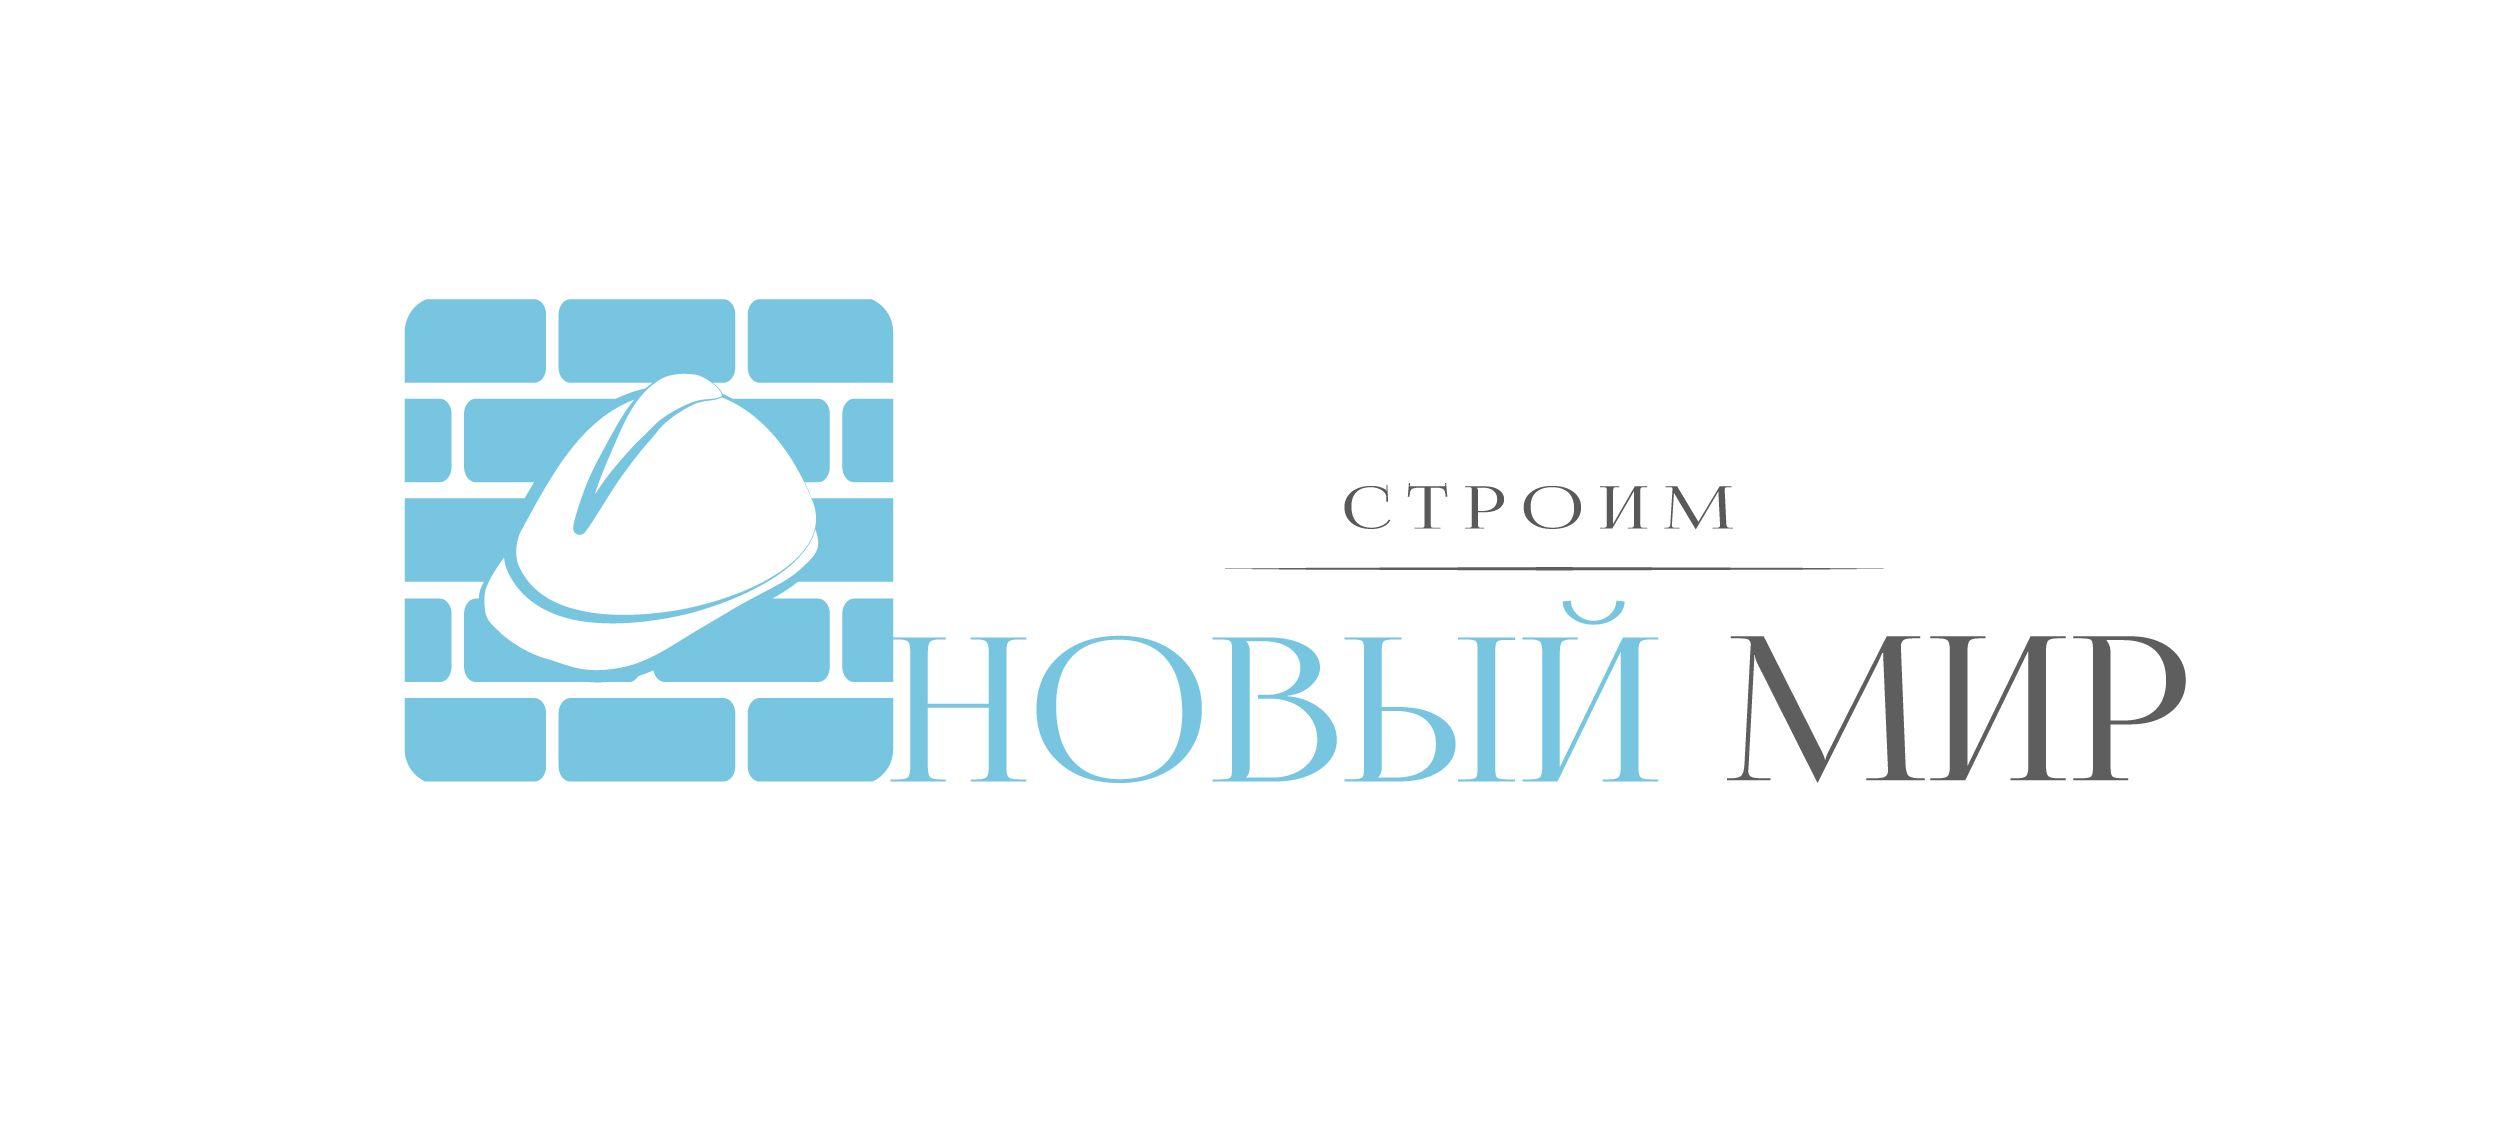 Логотип для строительной компании - дизайнер afkskillaz